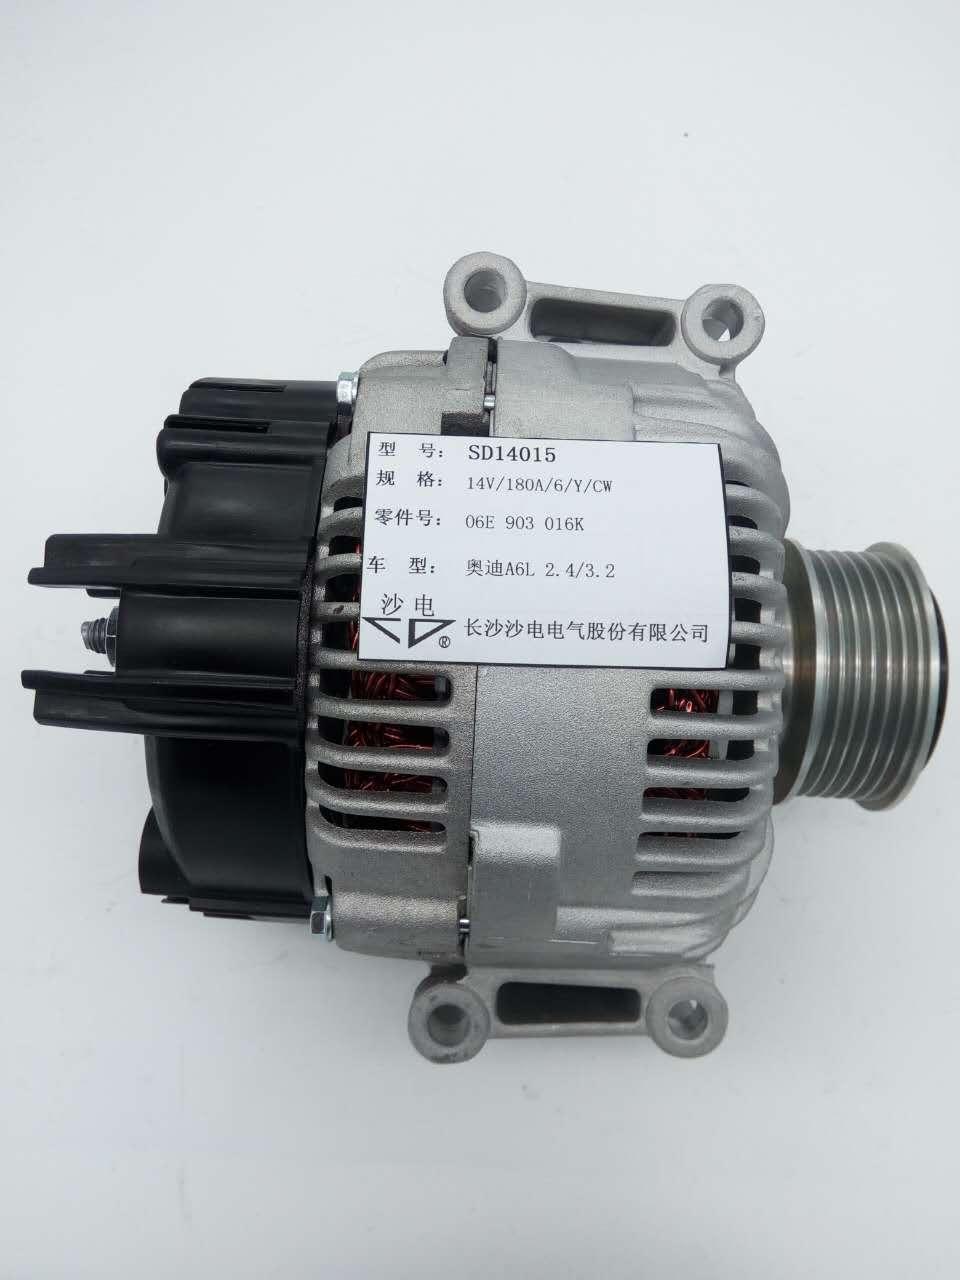 法雷奧發電機06E903016K適用于奧迪A6L 2.4/3.2